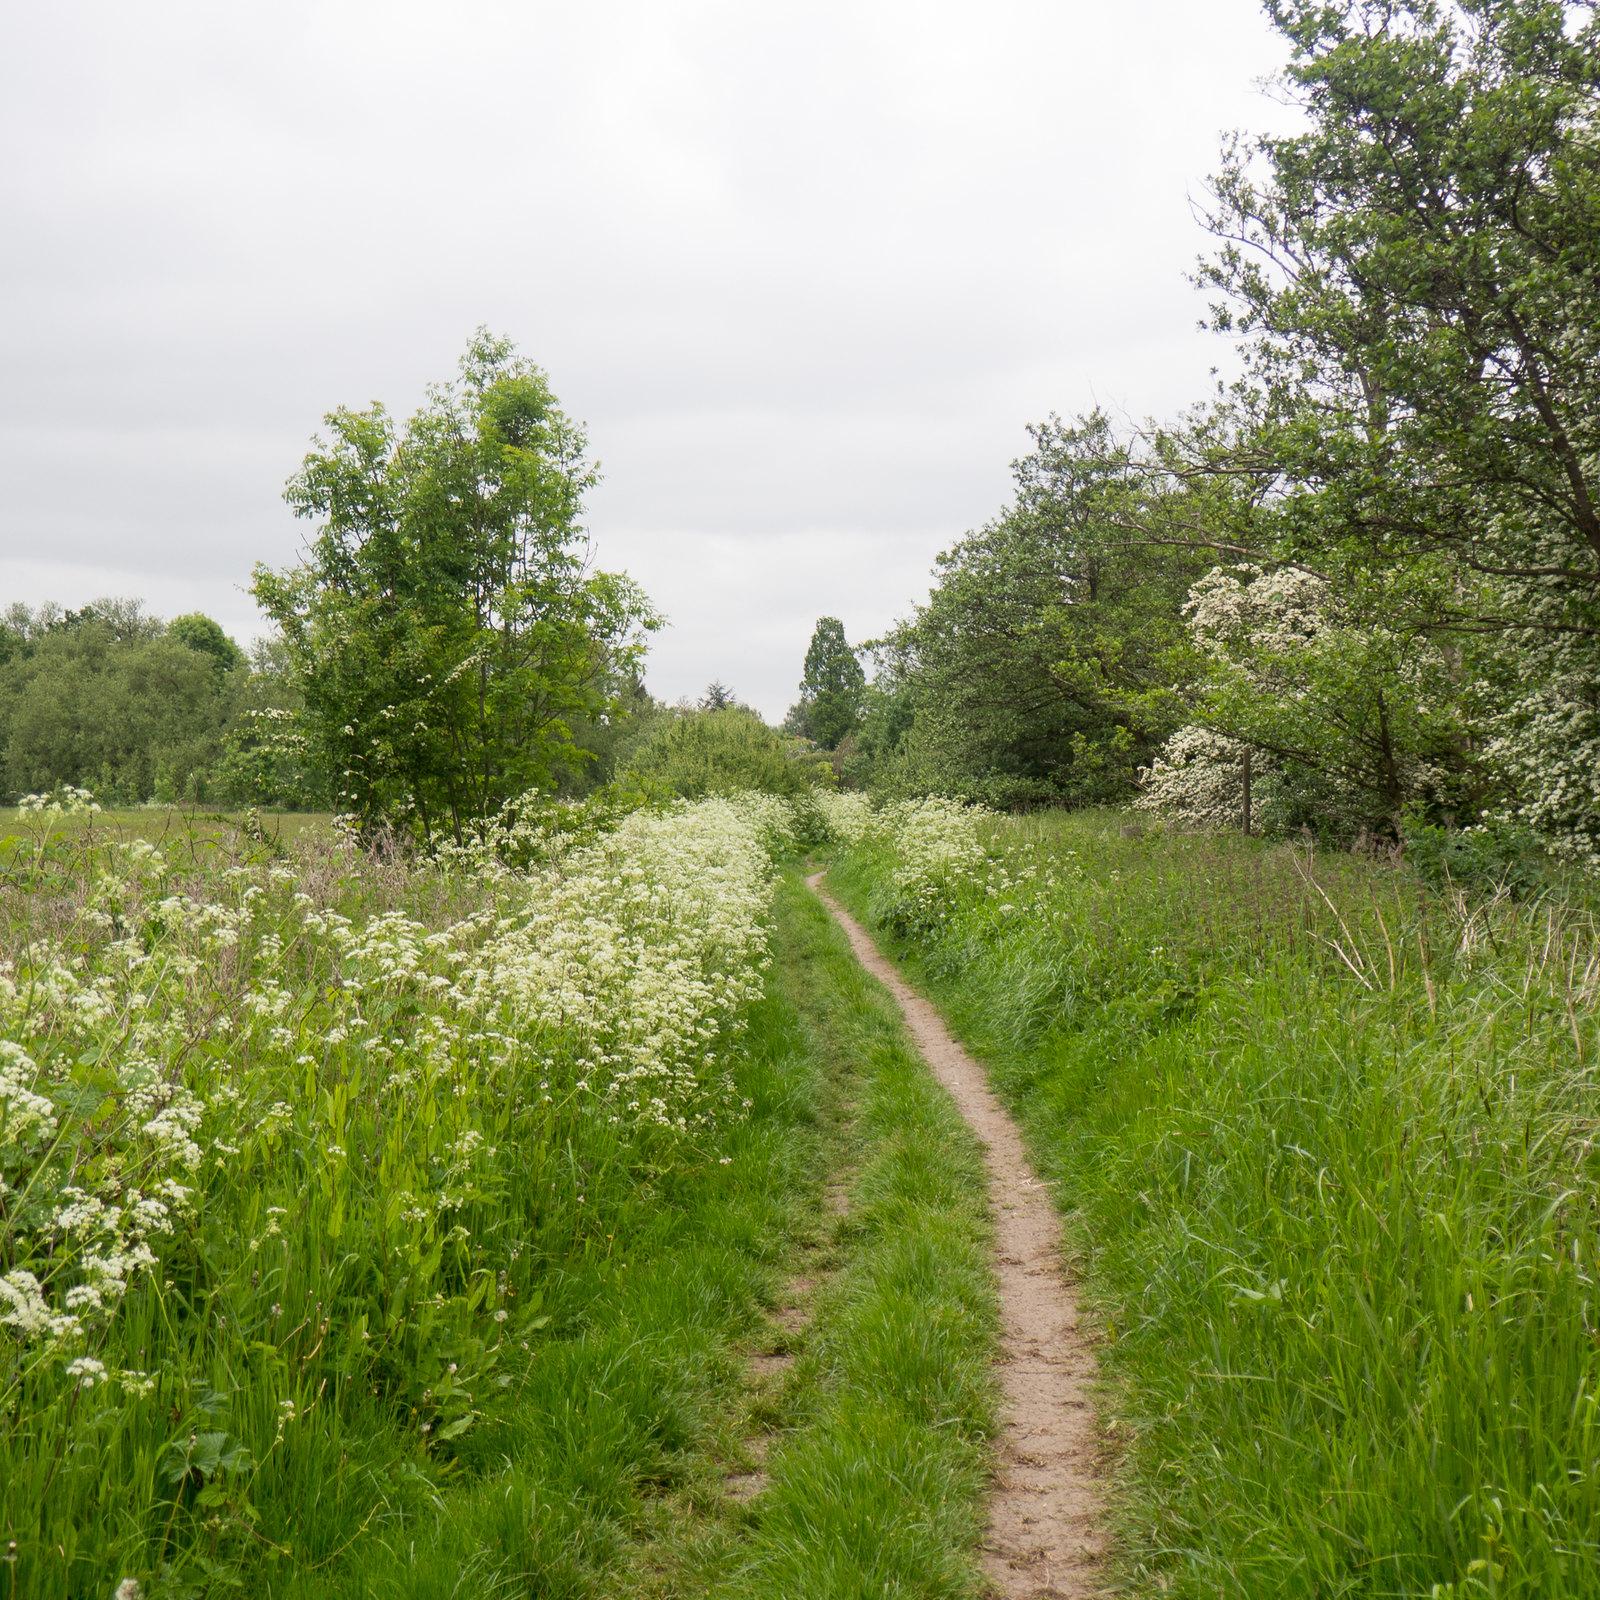 """P5250187 www.walkingclub.org.uk/book_3/walk_61/index.shtml"""" rel=""""nofollow www.walkingclub.org.uk/book_3/walk_61/index.shtml"""